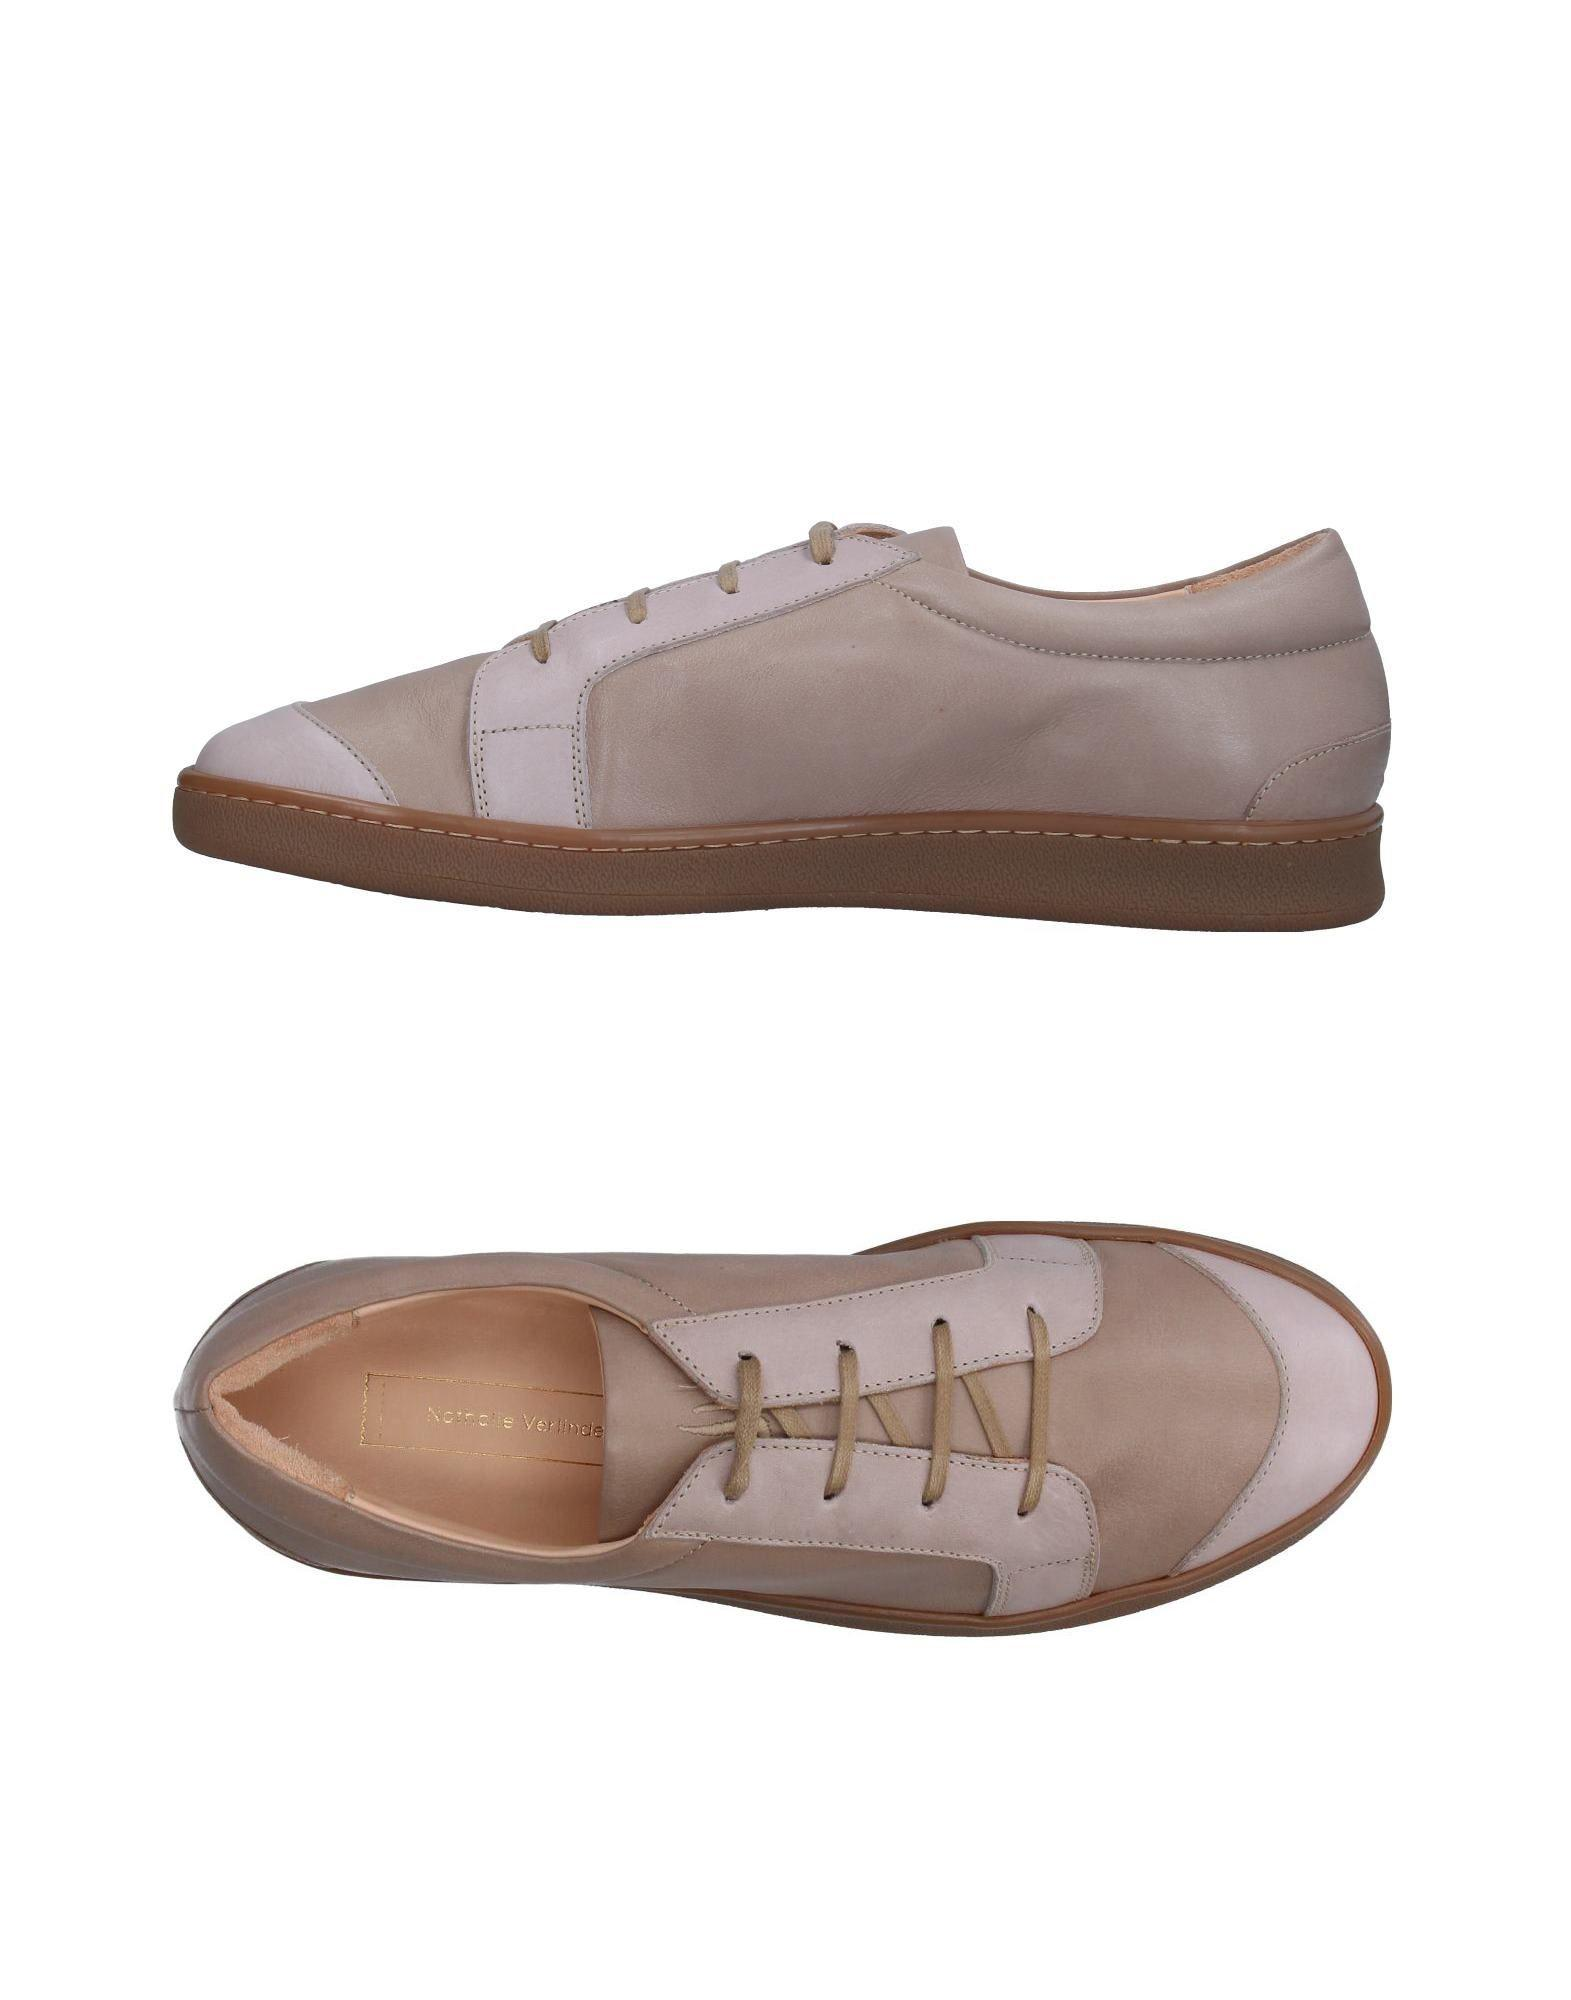 FOOTWEAR - Low-tops & sneakers Nathalie Verlinden Xy84As